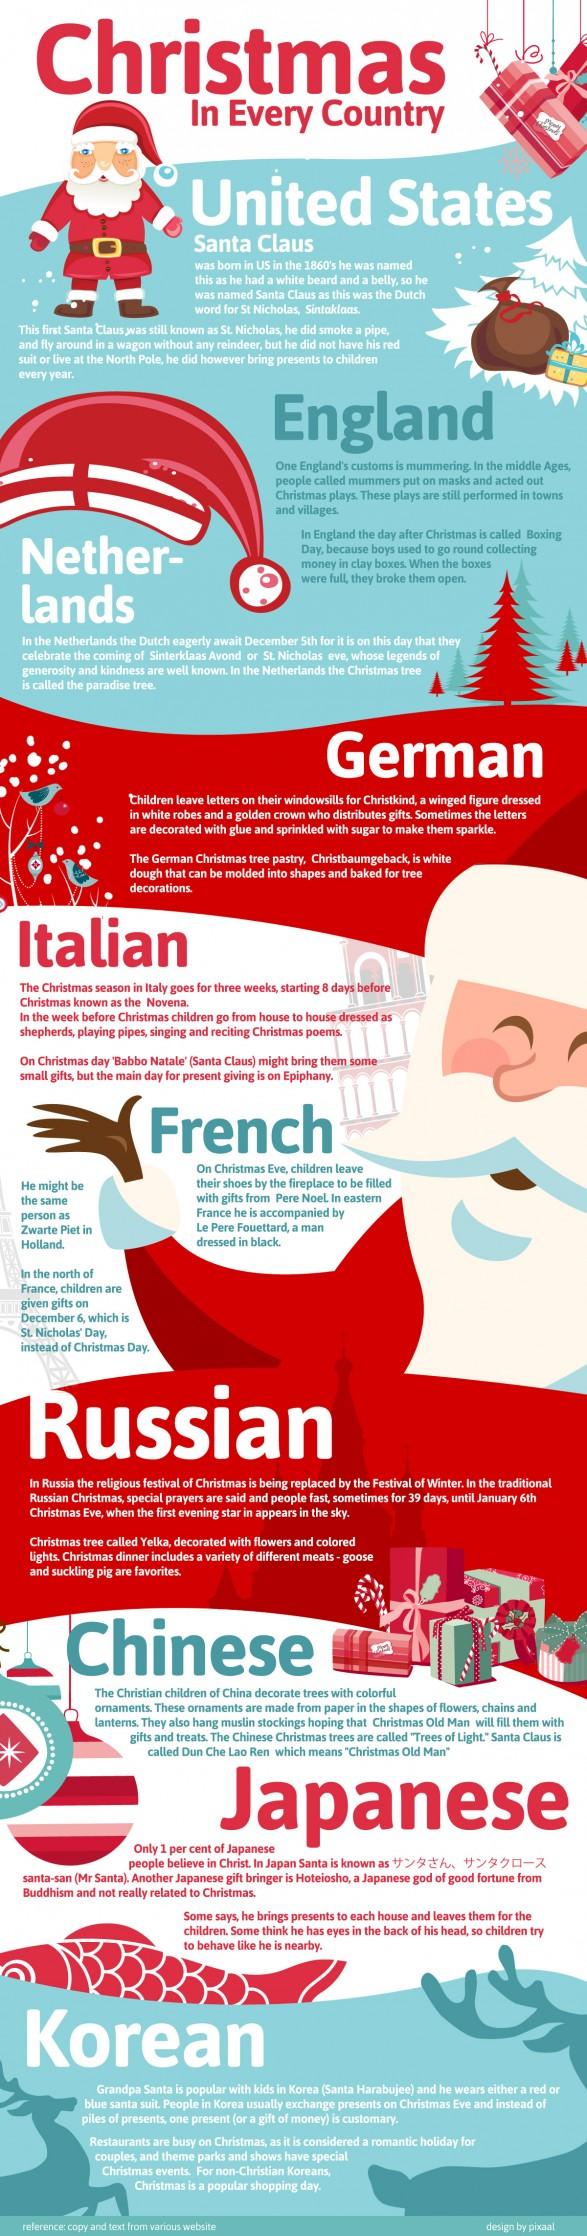 51 funny christmas themed